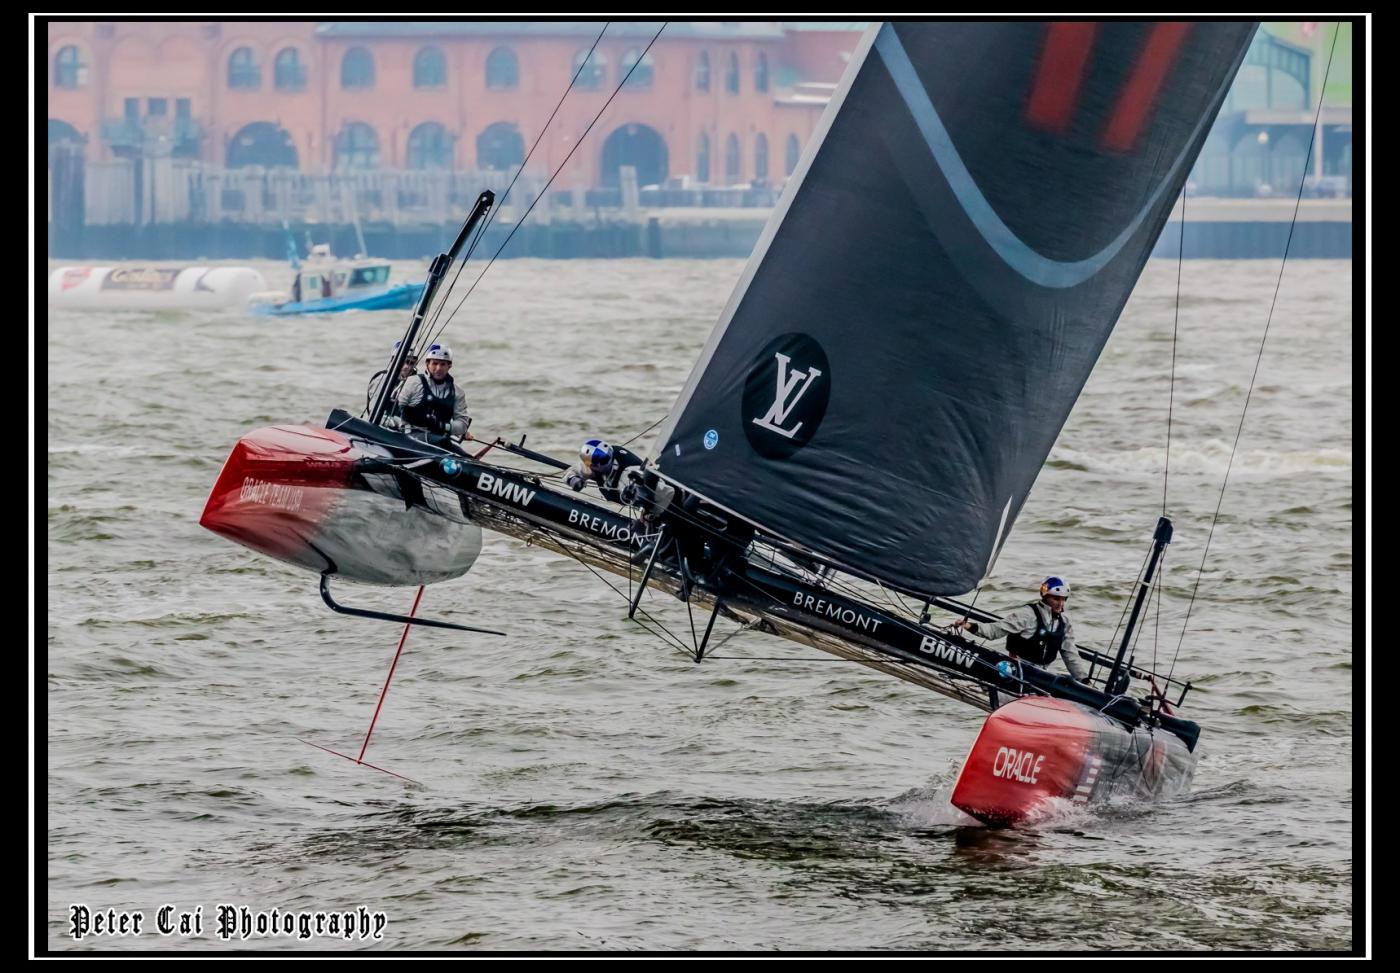 美洲杯LV之路易斯威登杯帆船赛 现场_图1-11